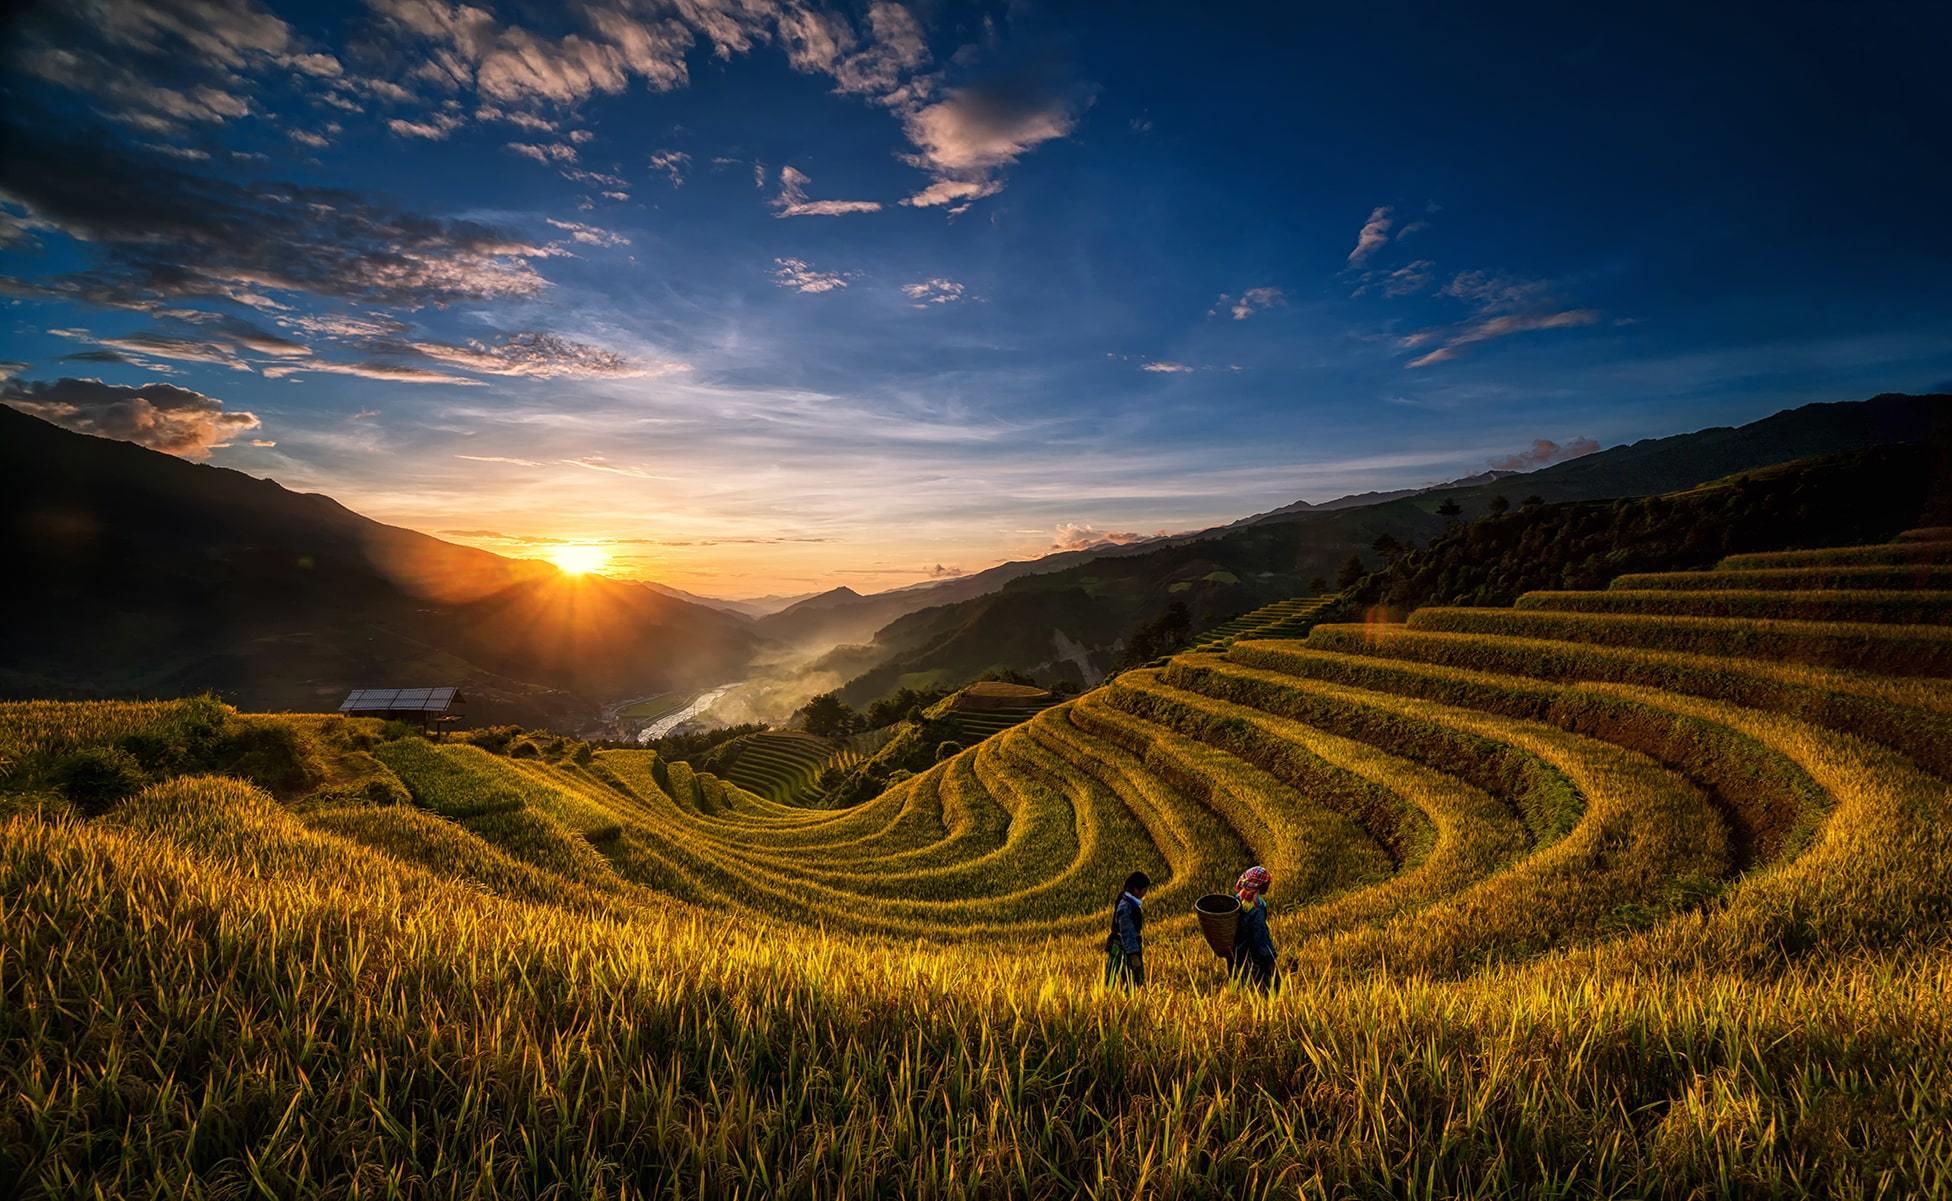 cuanto cuesta vietnam-min